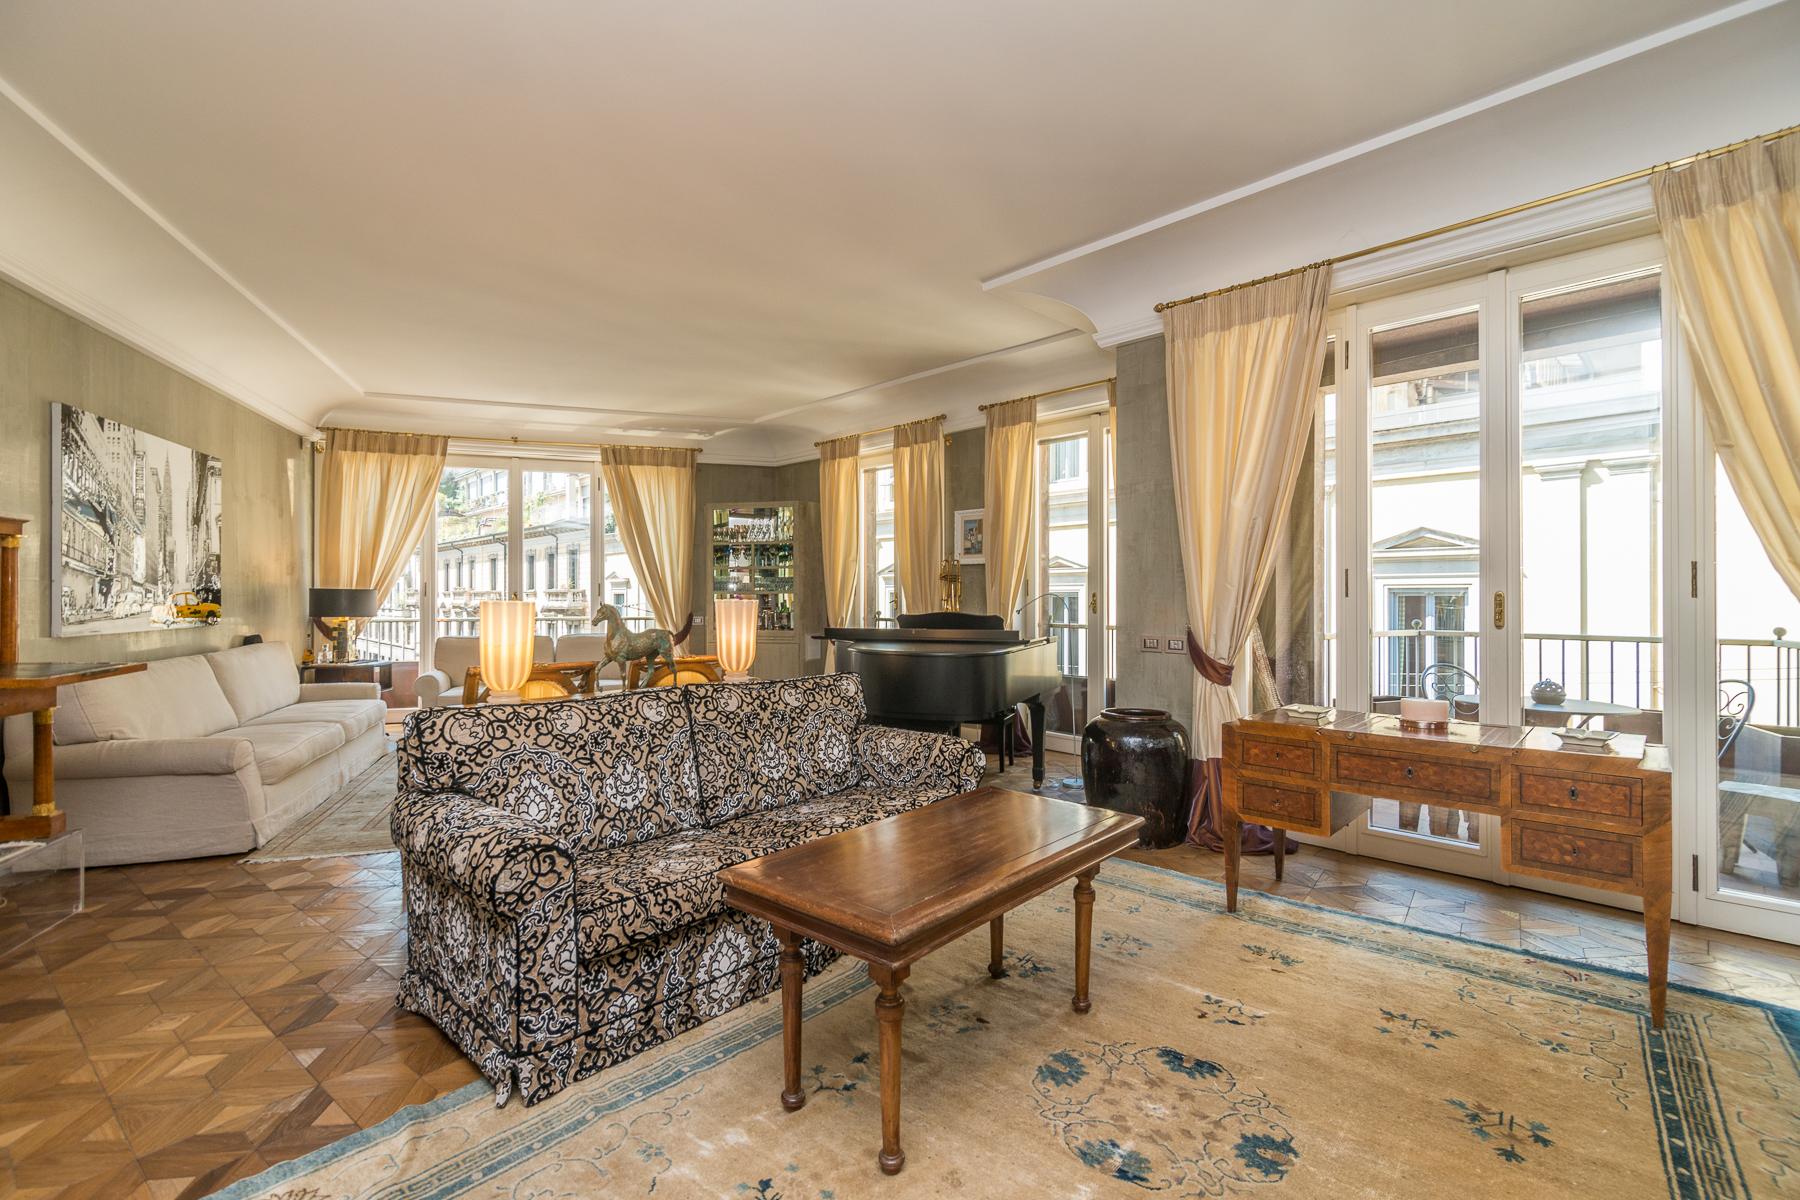 Appartamento in Vendita a Milano 02 Brera / Volta / Repubblica: 5 locali, 270 mq